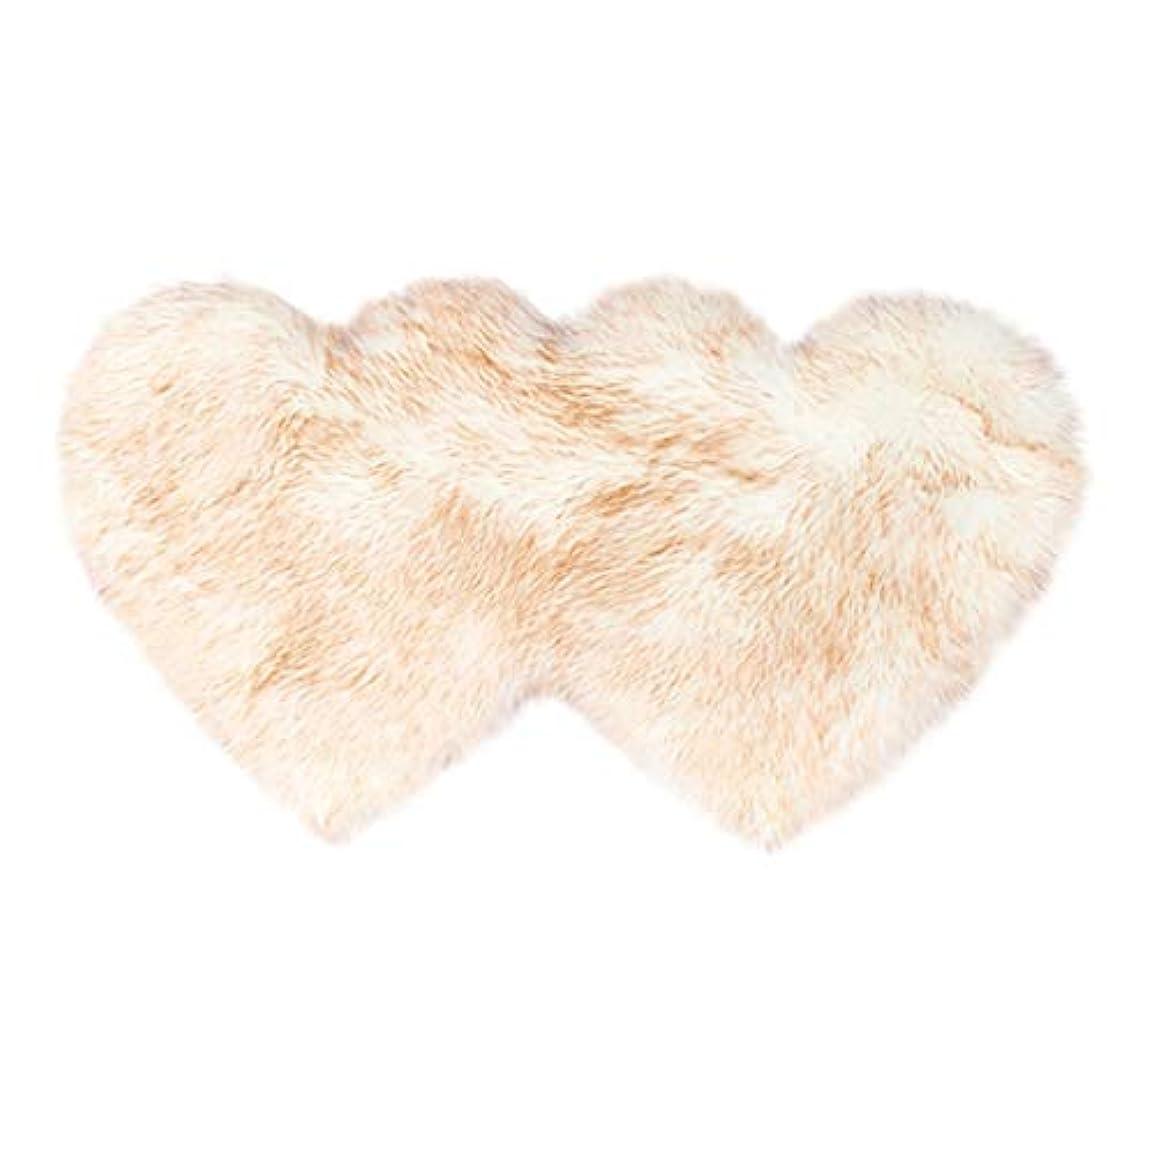 九月酸っぱい福祉愛の形の羊毛と羊の皮のじゅうたんと非滑り防止の寝室の毛茸のじゅうたんのマット